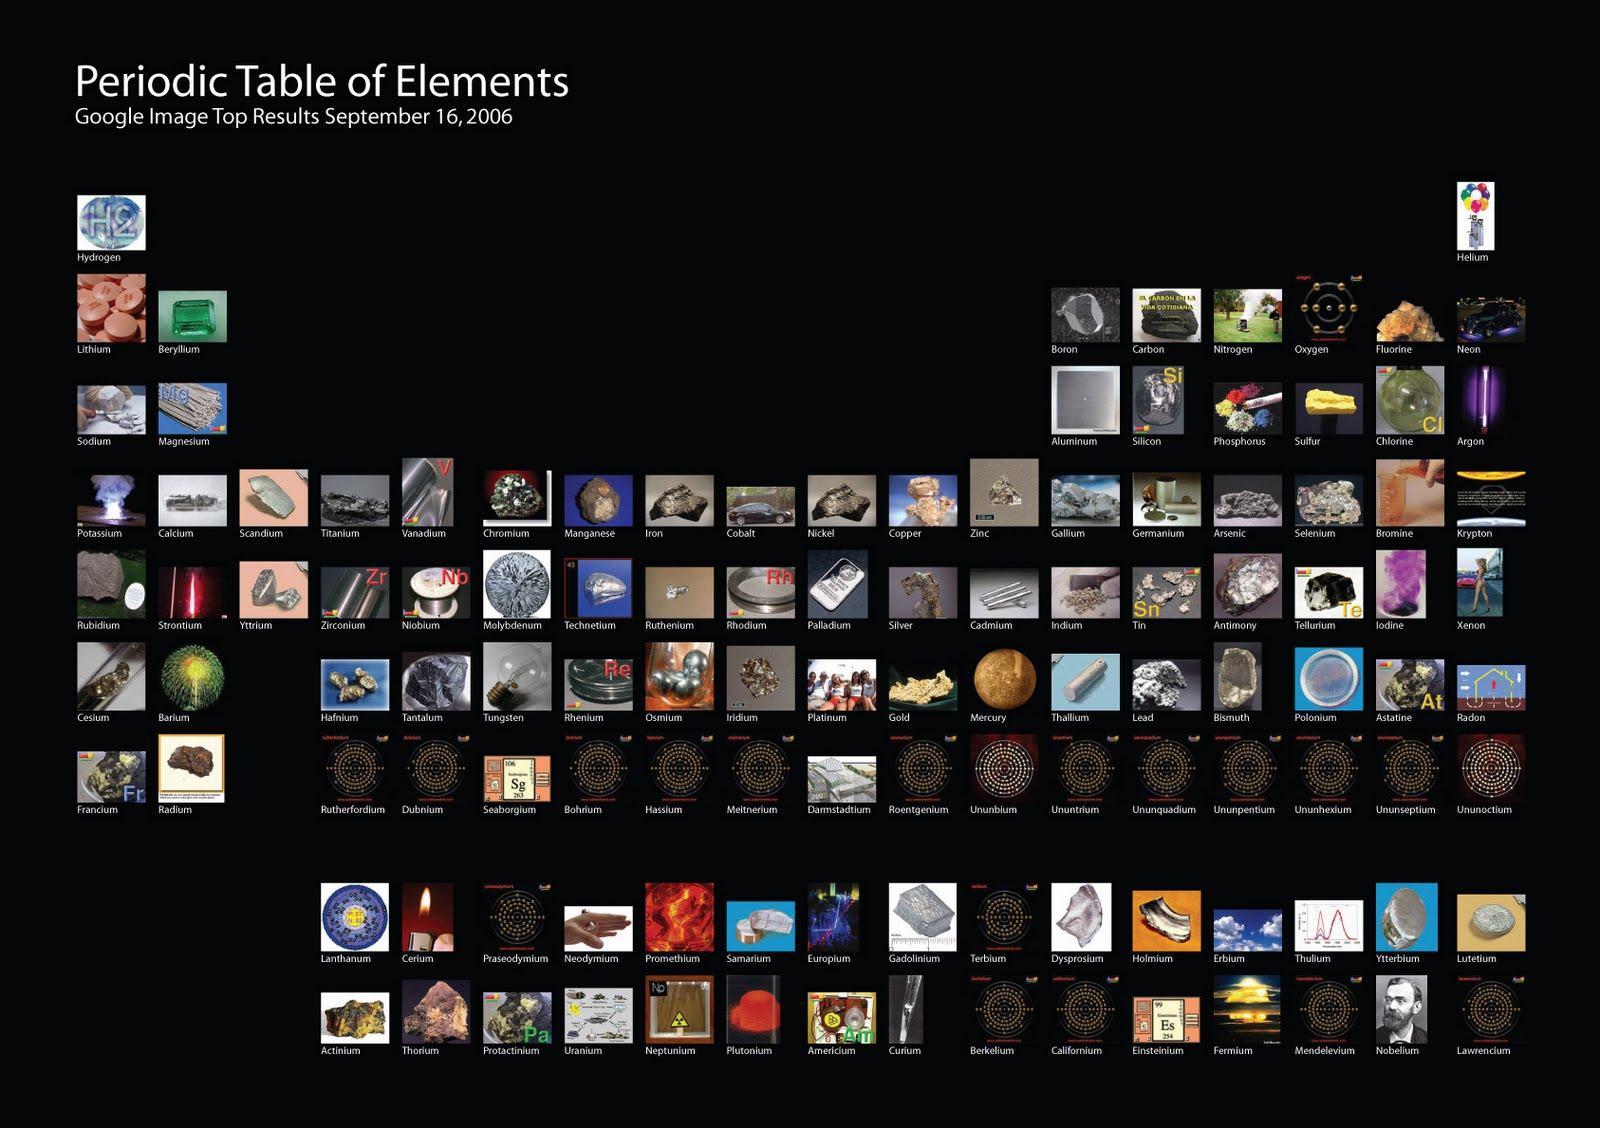 Cluster divulgacin cientfica sobre las tablas peridicas tablas peridicas prcticas os dejos dos tablas peridicas sencillas e interesantes para diferentes niveles urtaz Gallery